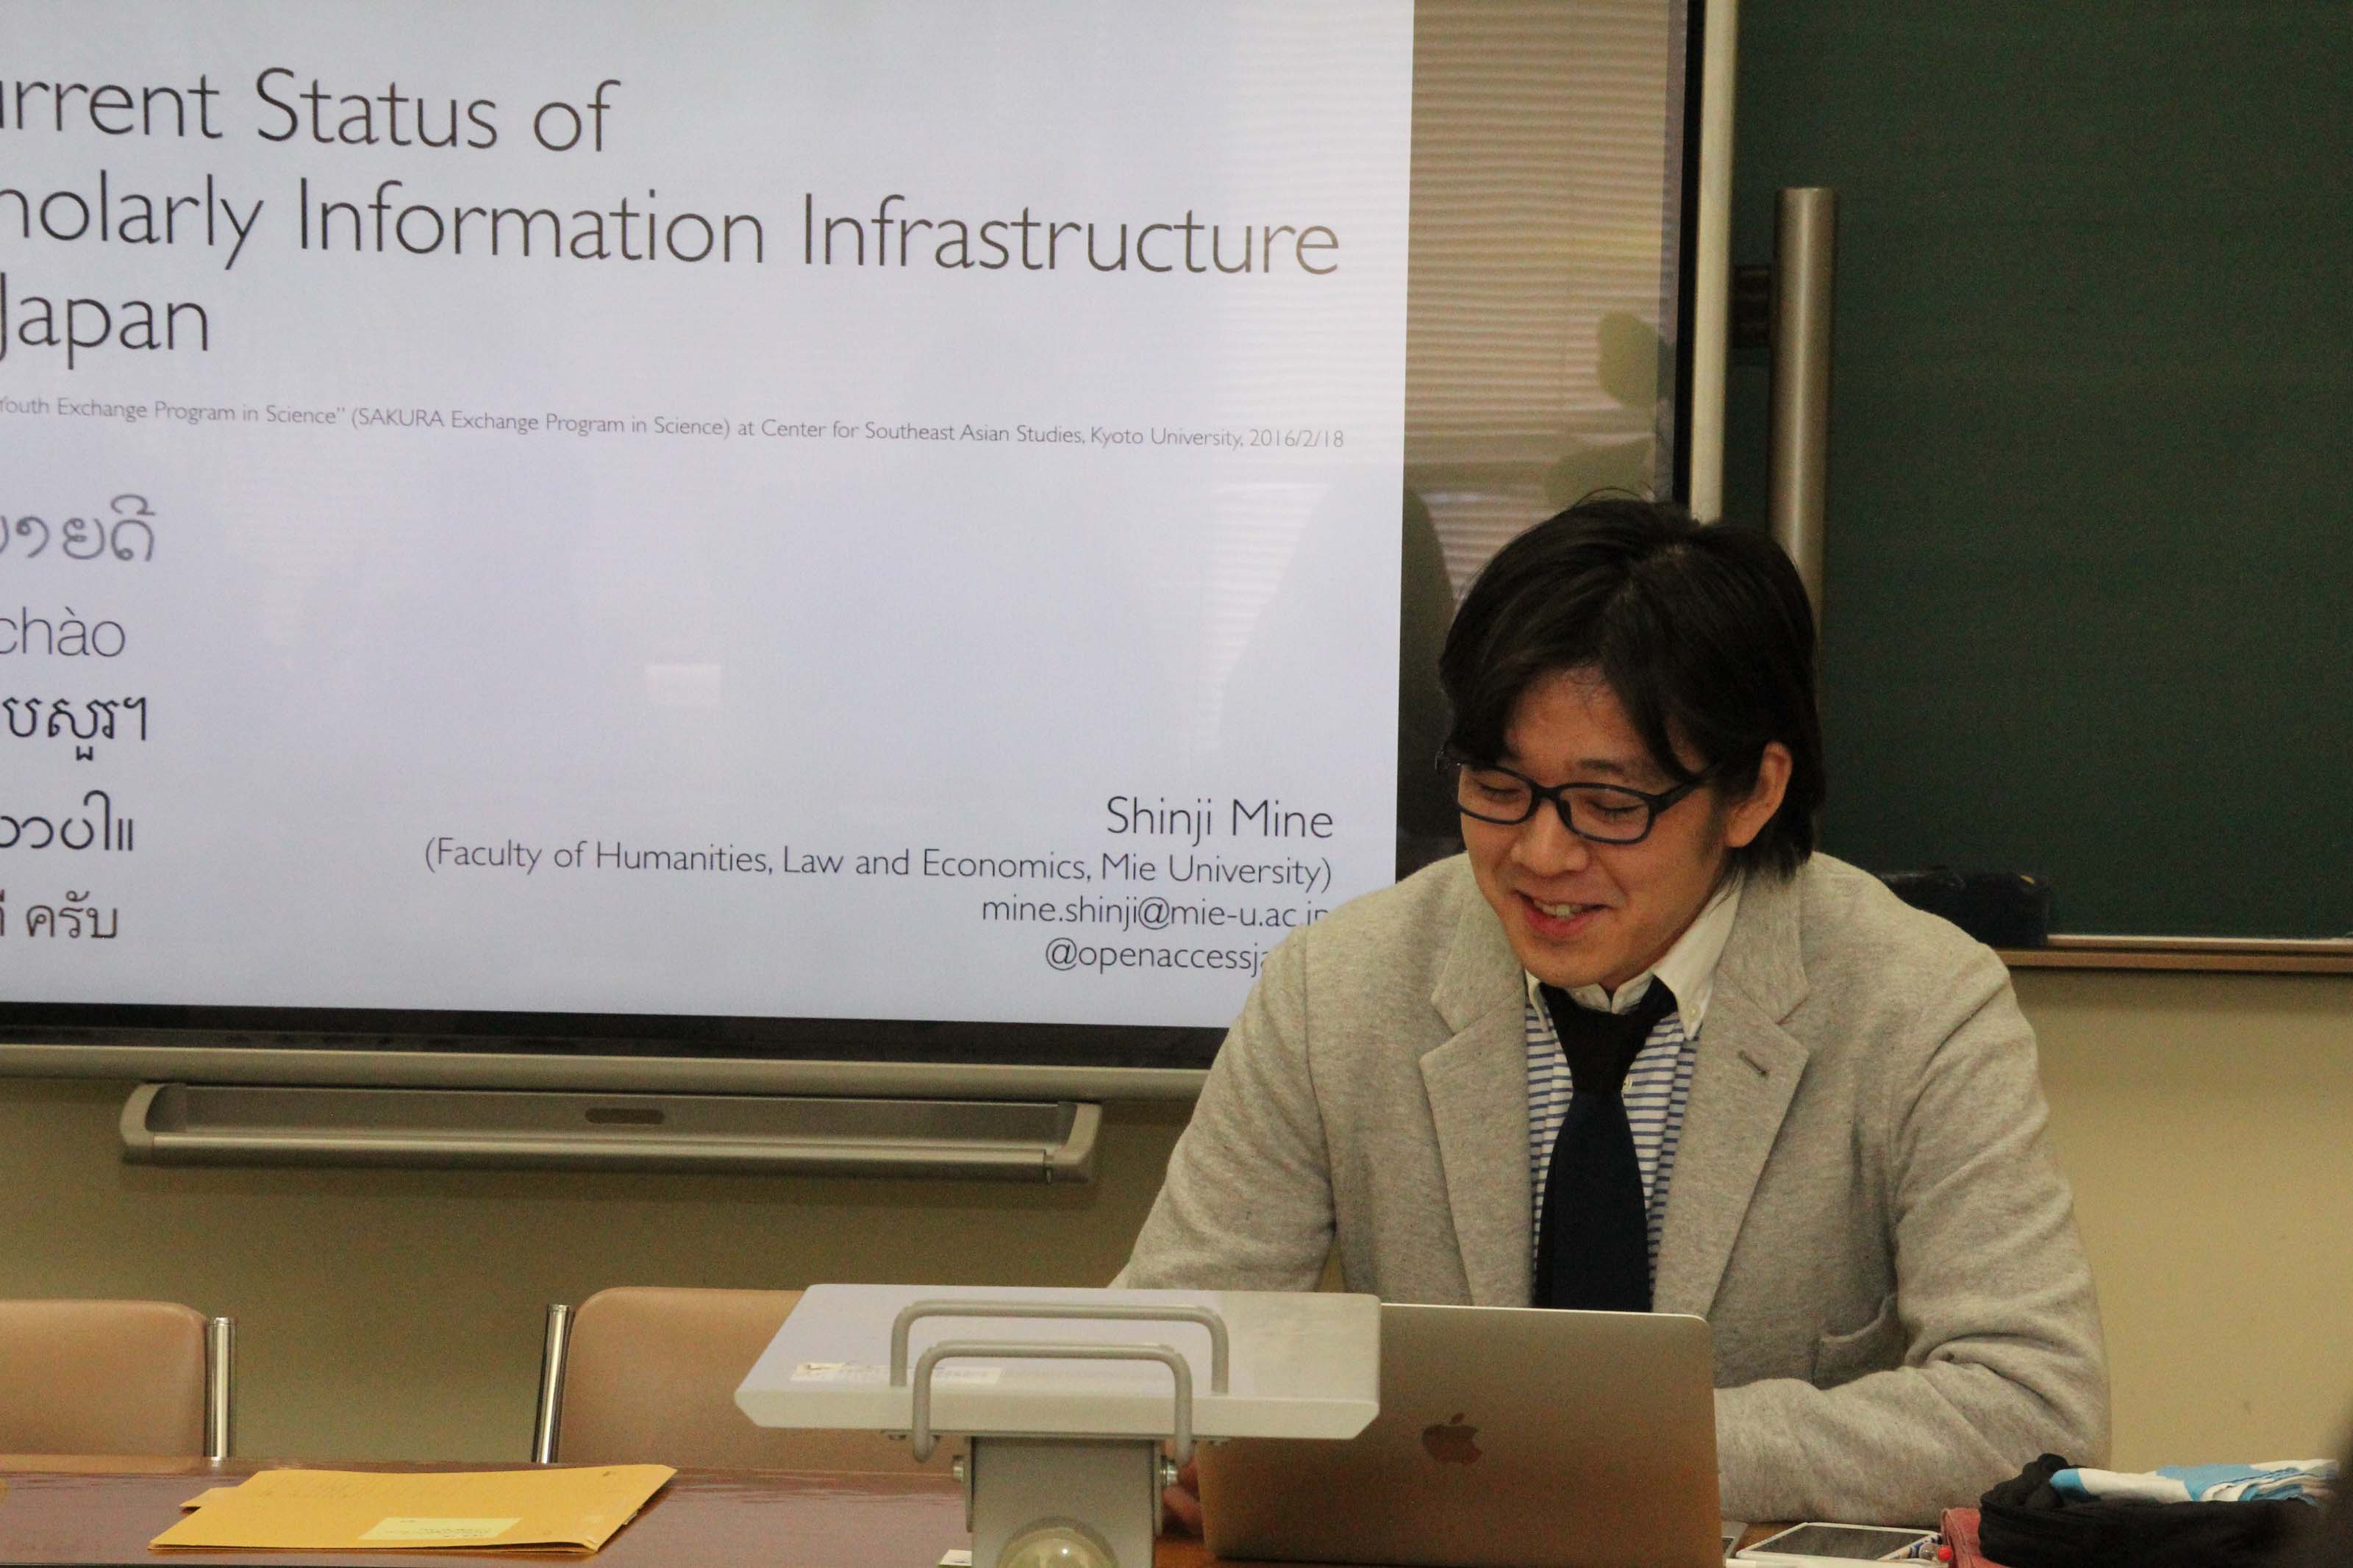 講義(三根慎二・三重大学人文学部講師)「日本における学術情報基盤環境」の様子